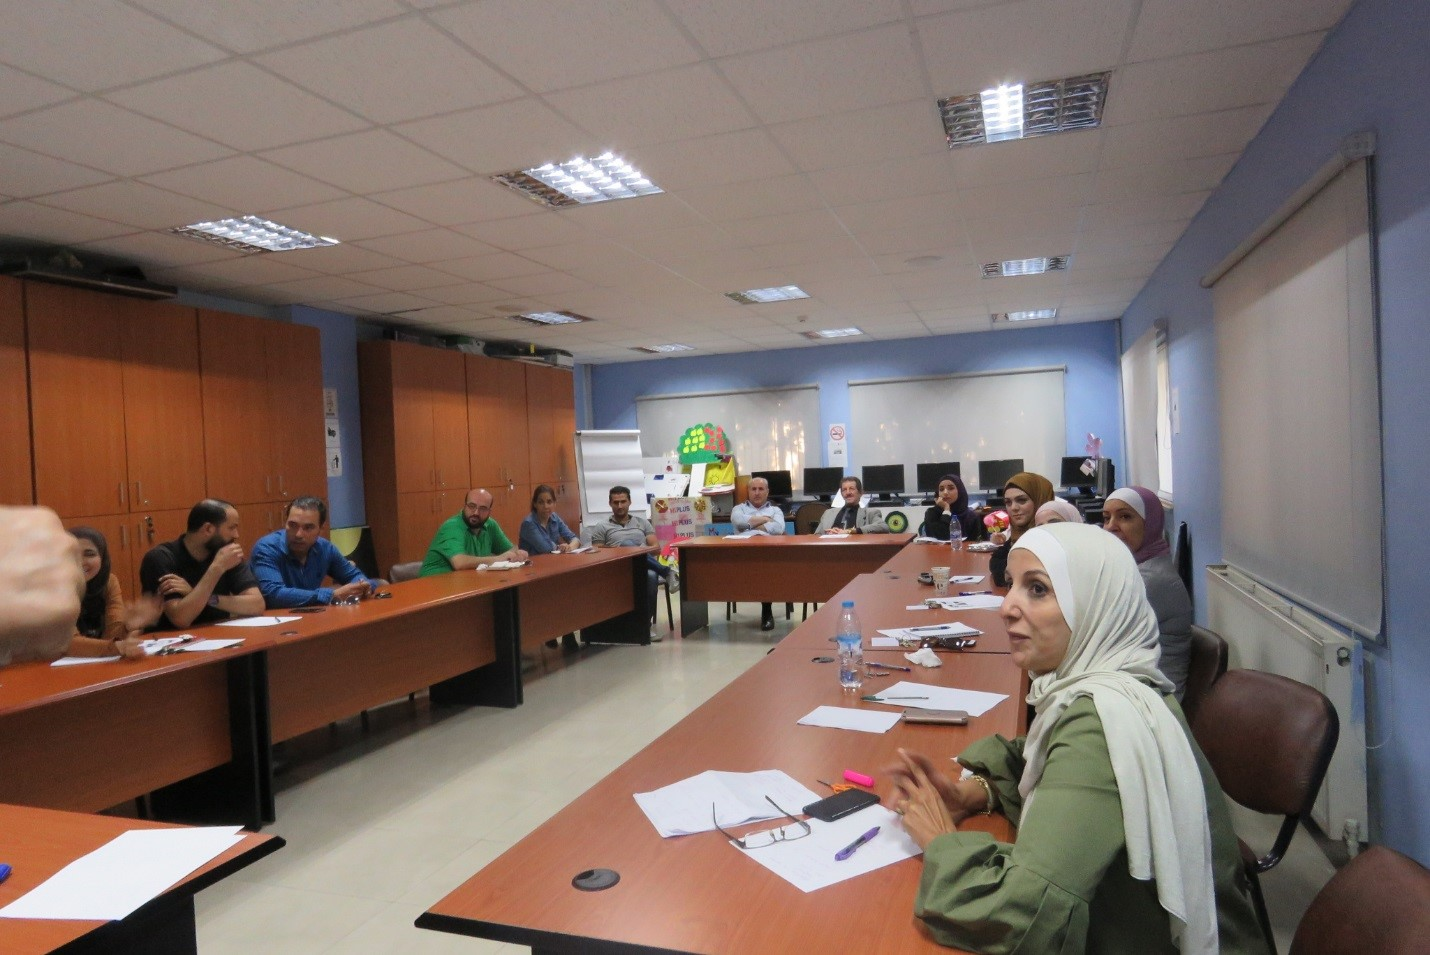 مركز التطوير الأكاديمي بجامعة البترا ينهى دورة محادثة ثانية مجانية باللغة الإنجليزية